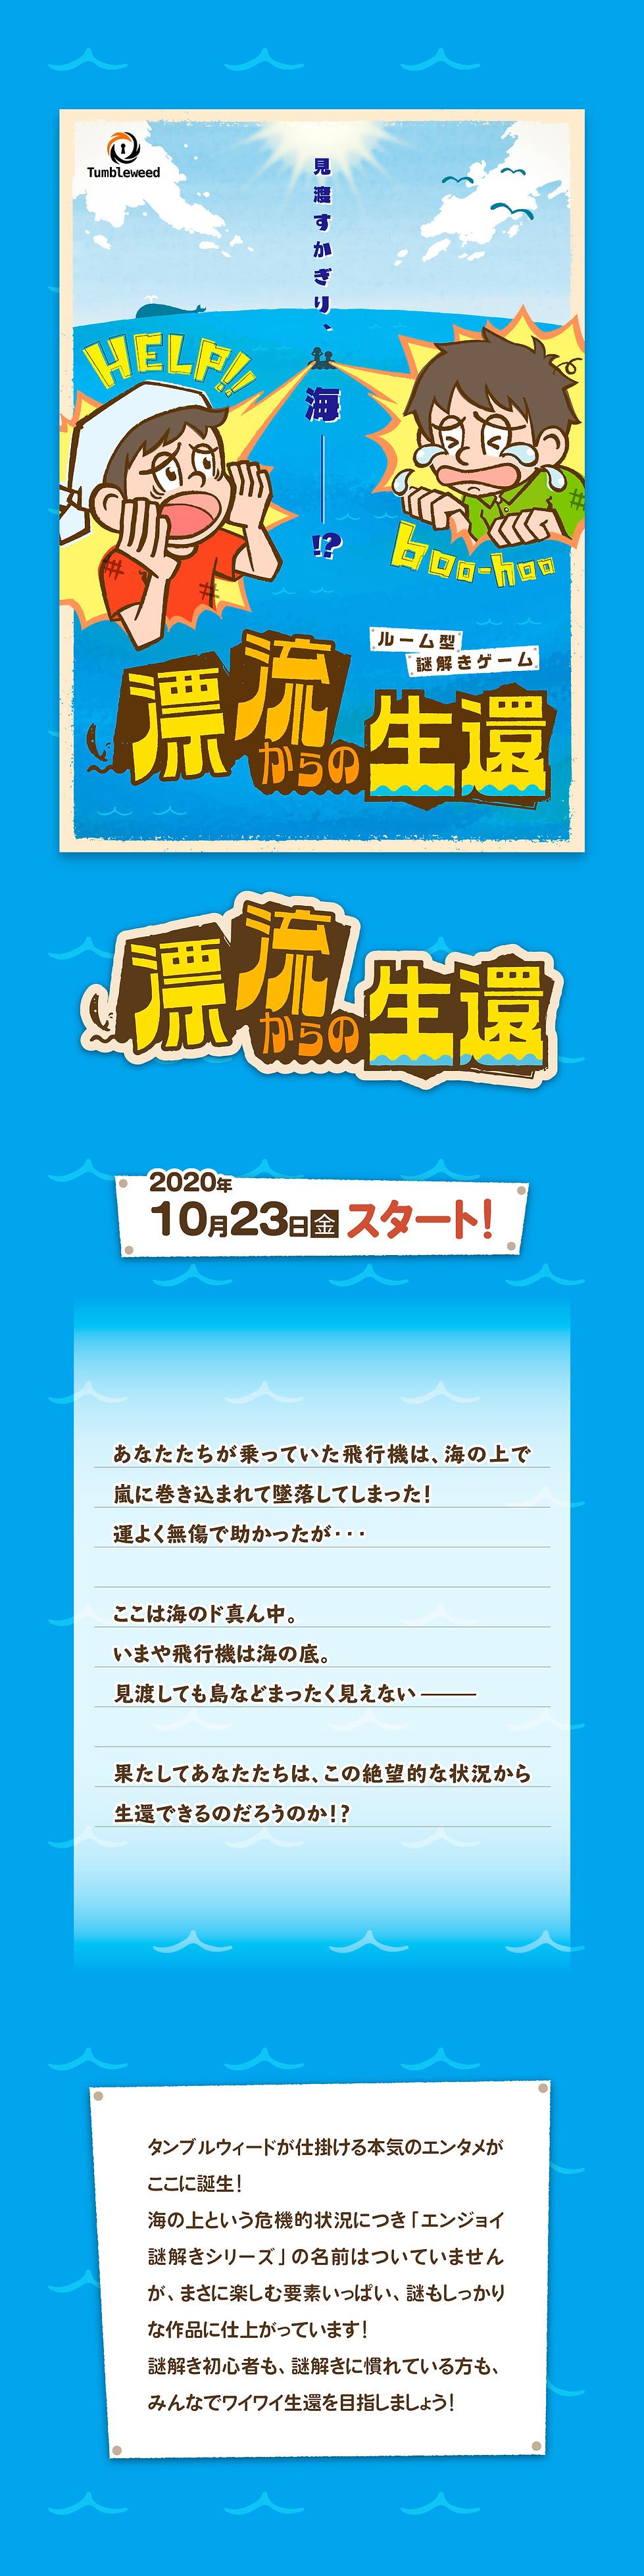 Hyoryu_11.jpg